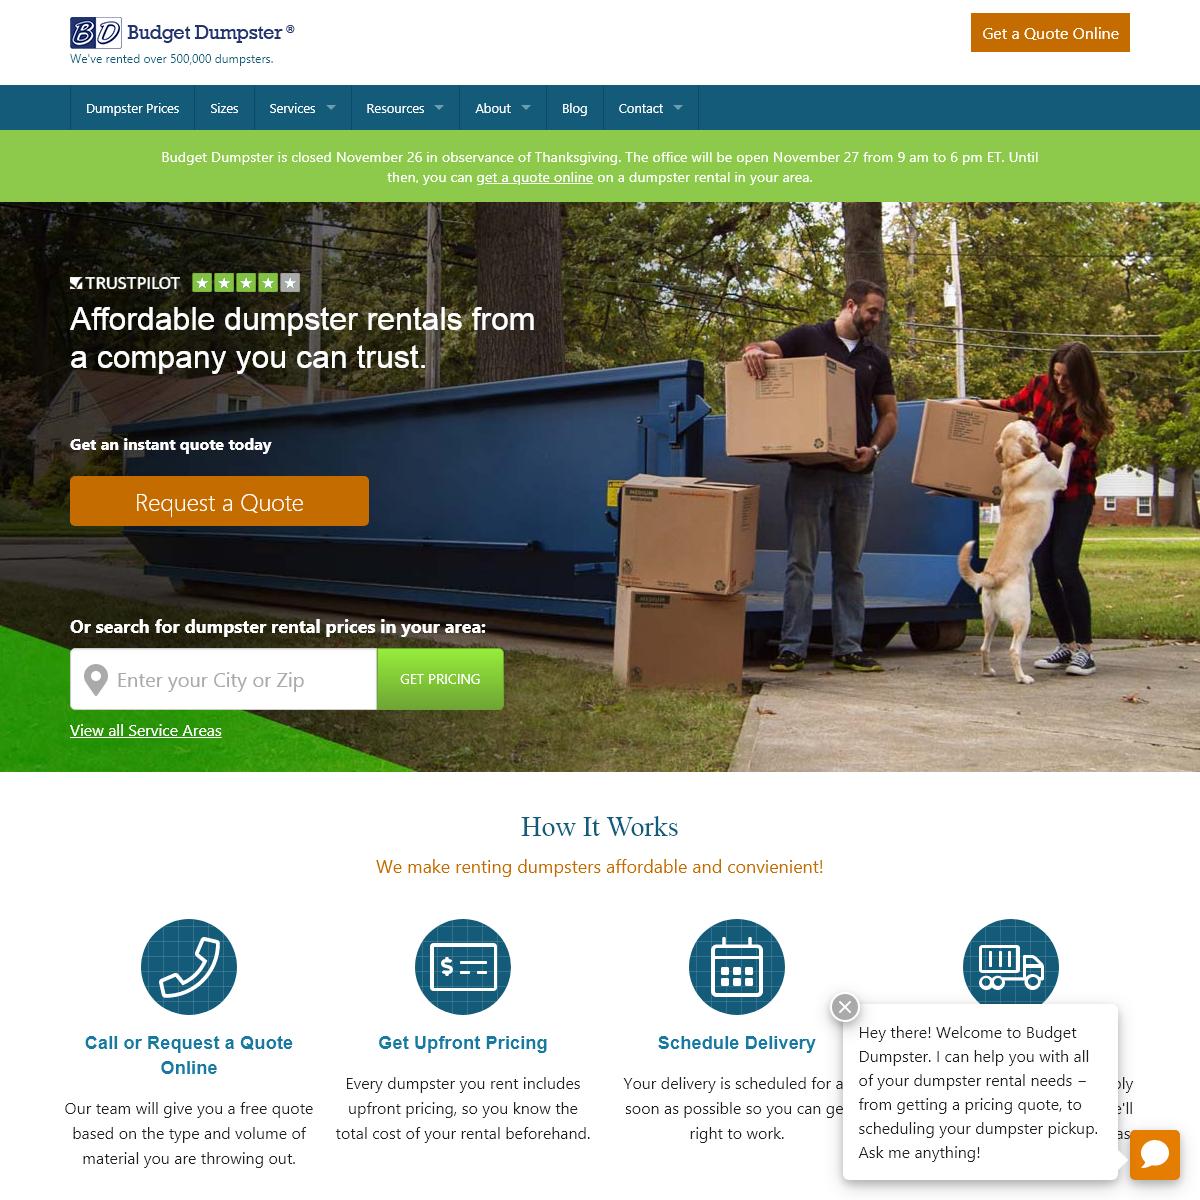 Dumpster Rentals for Less - Budget Dumpster